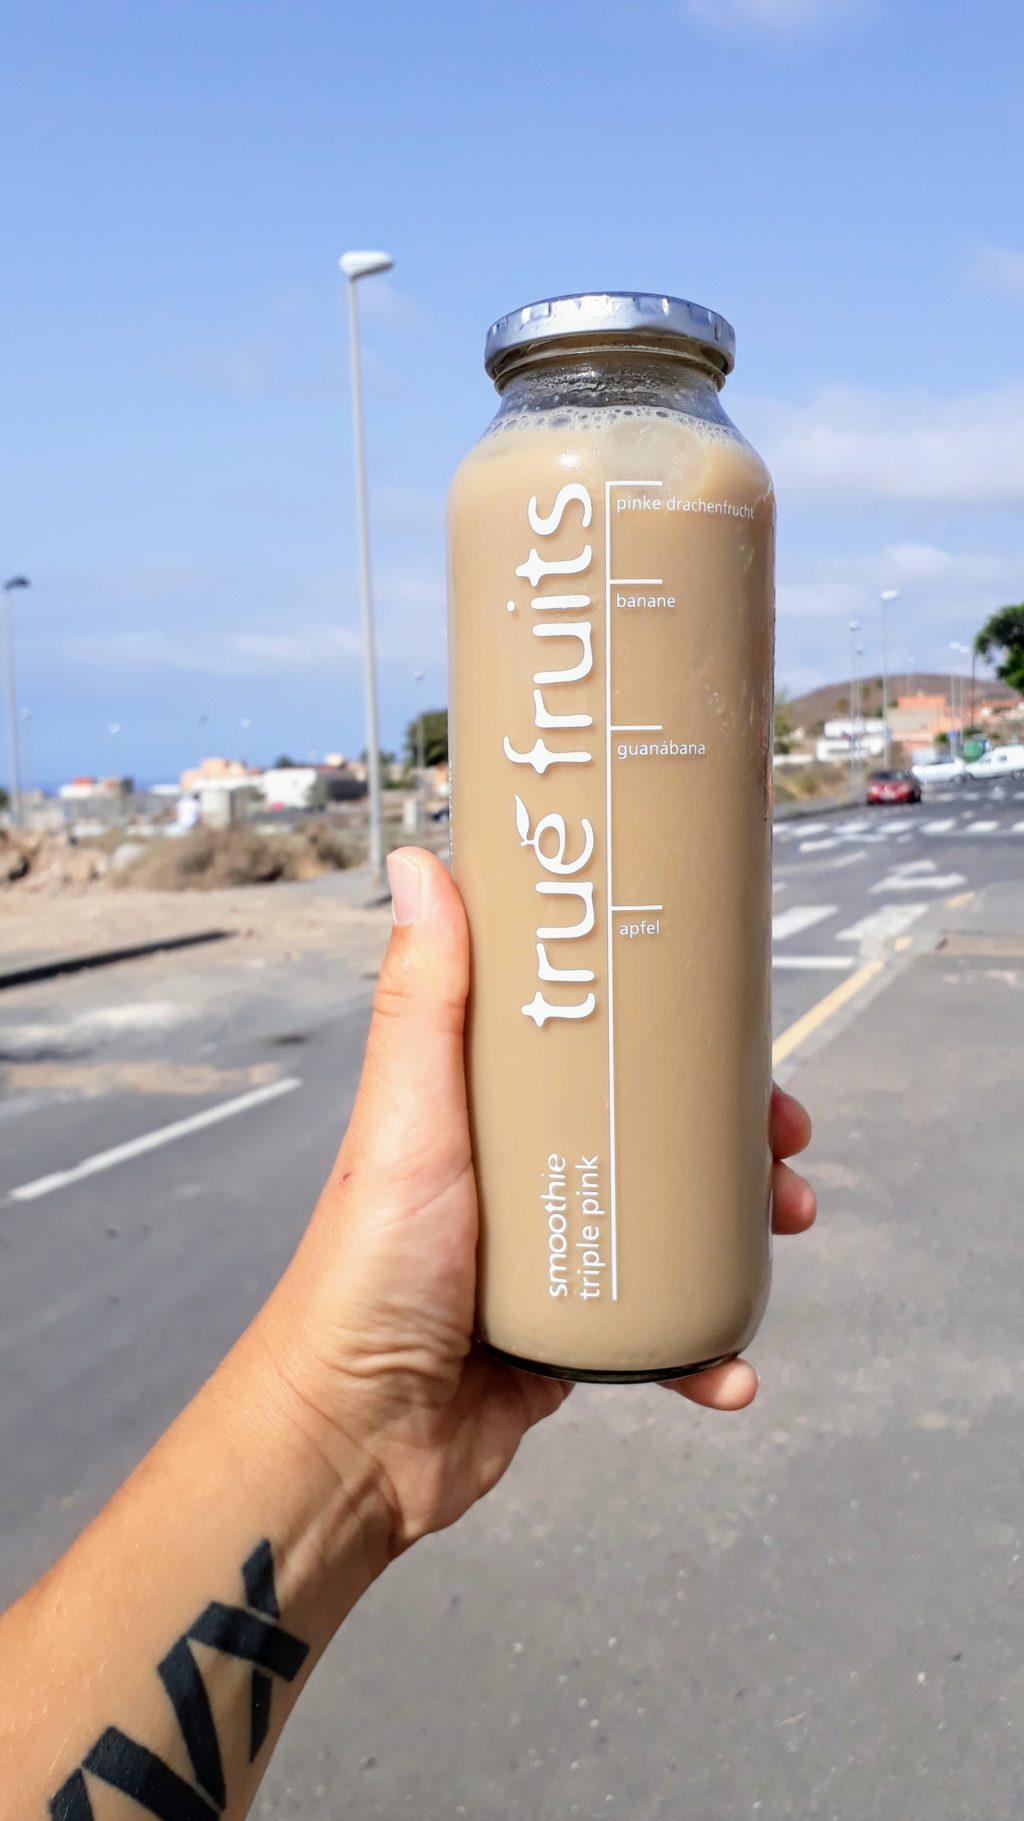 Mjam: Abgefüllter Kaffee kann auf einer anstrengenden Wanderung schon mal Körper und Geist erheitern